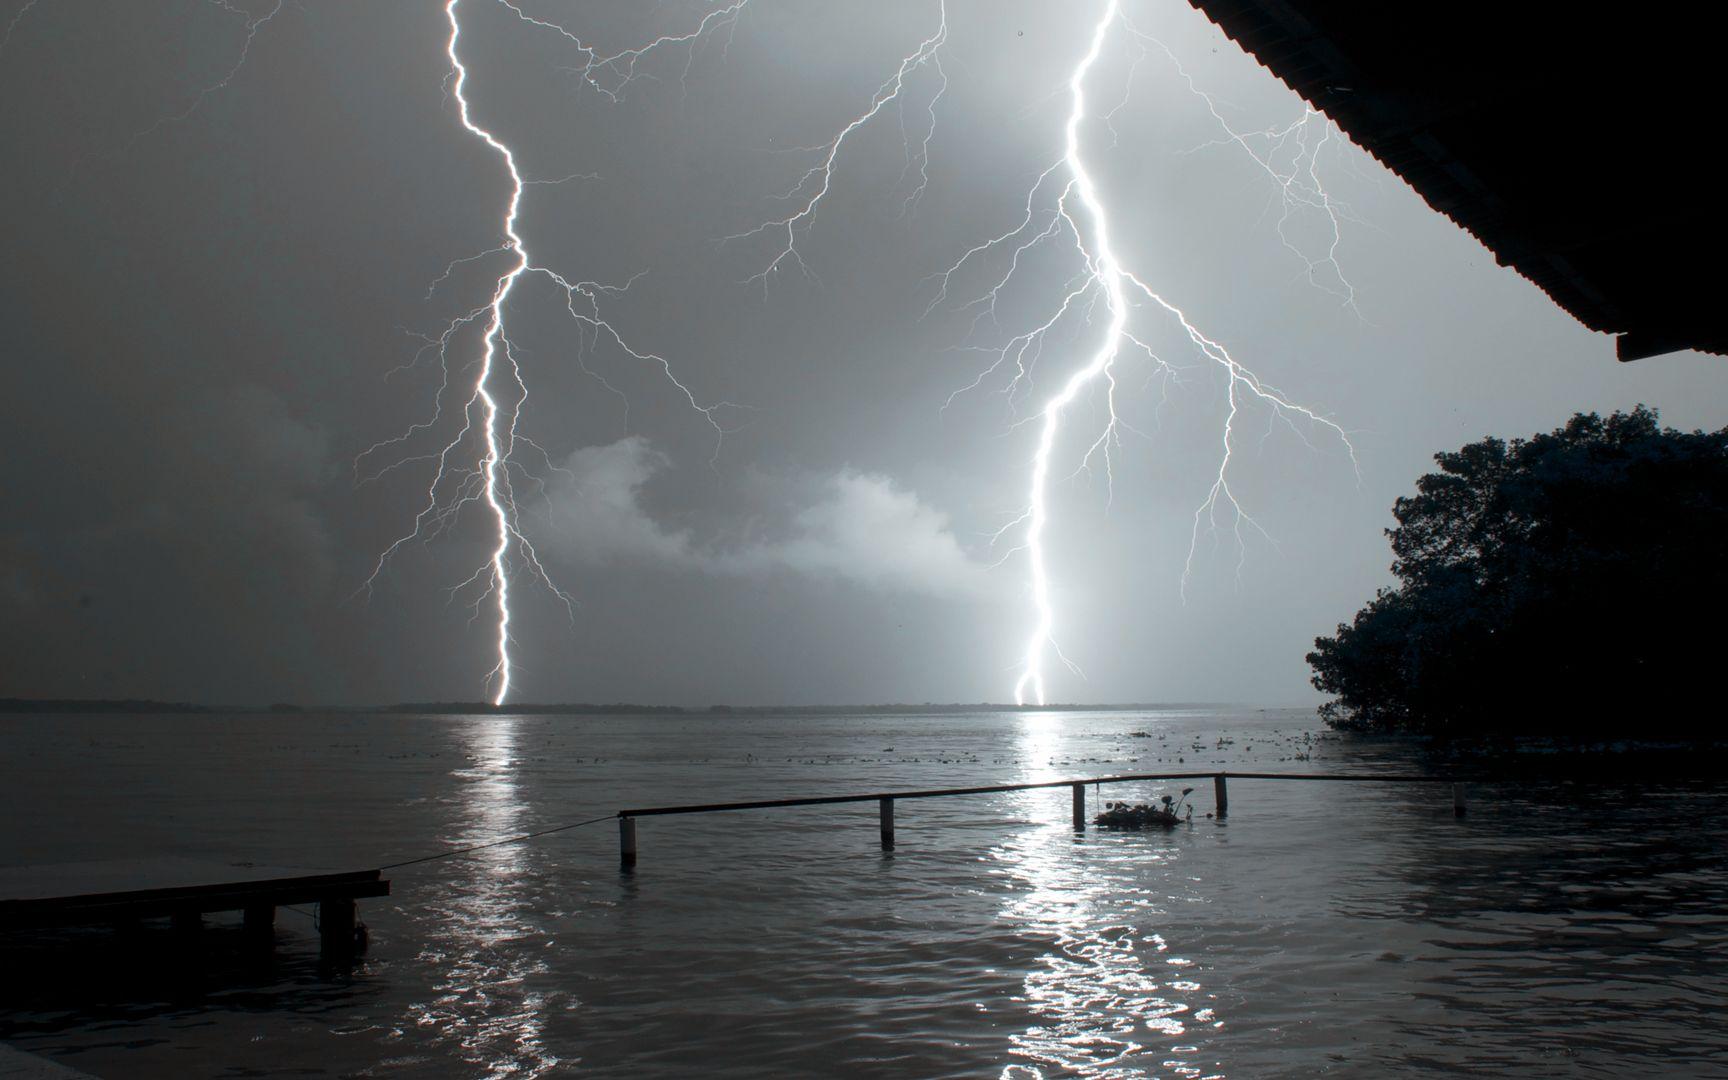 卡塔通博闪电!委内瑞拉的雷暴奇观【寰球大百科175】图片